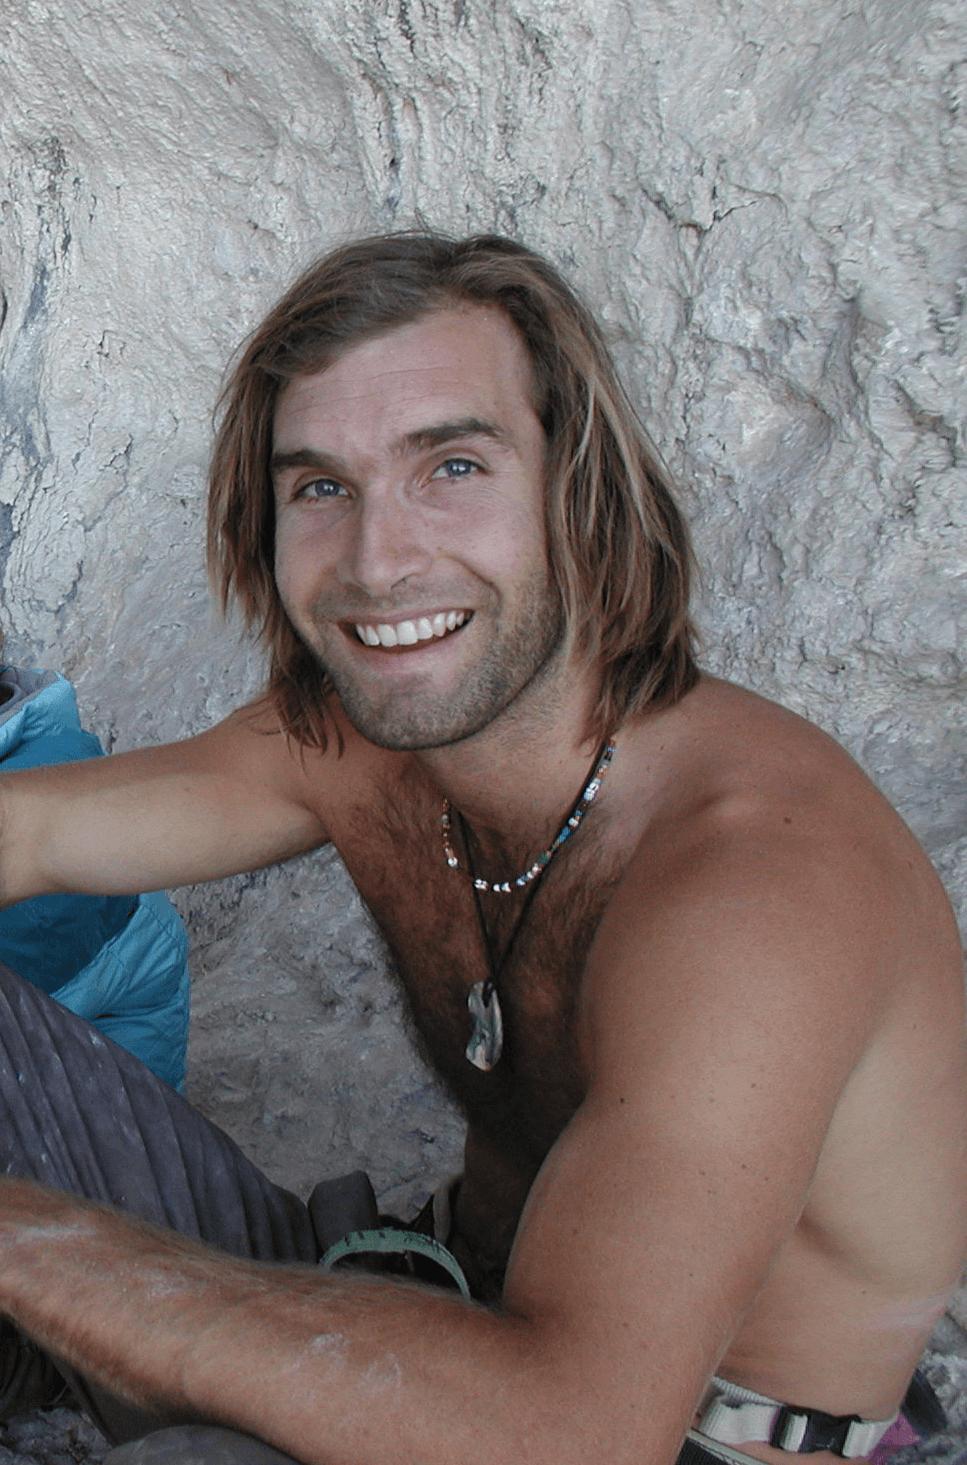 Male Rock Climbers - Chris Sharma